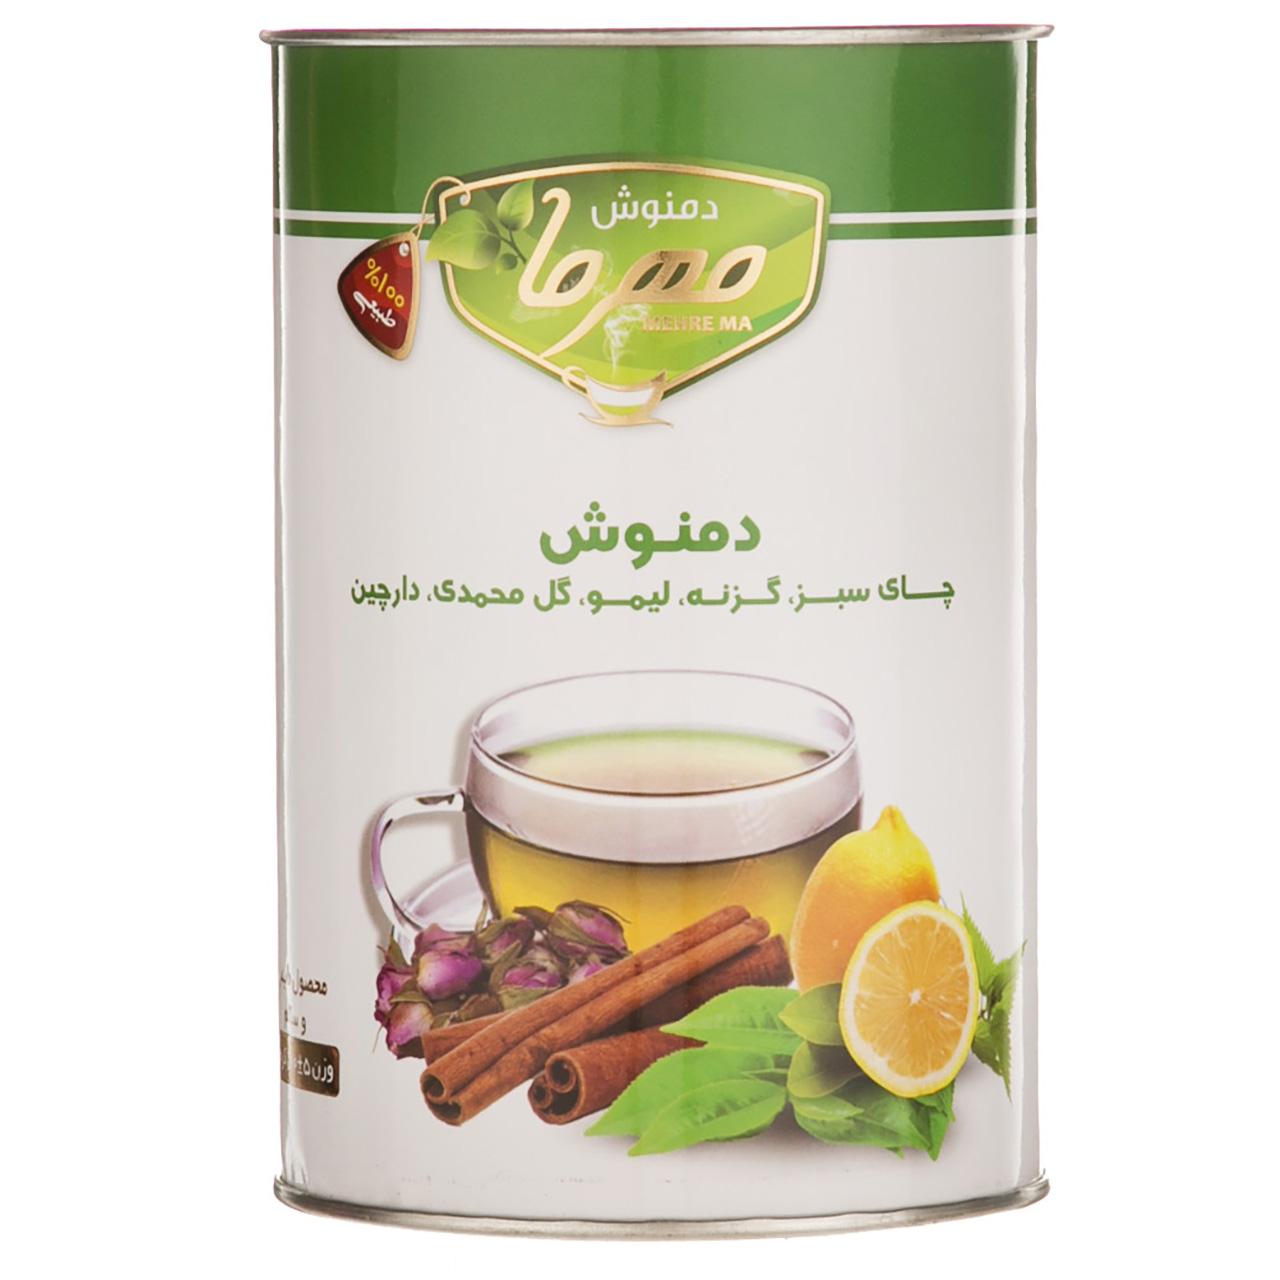 دمنوش مخلوط گیاهی لاغری مهرما مقدار 80 گرم